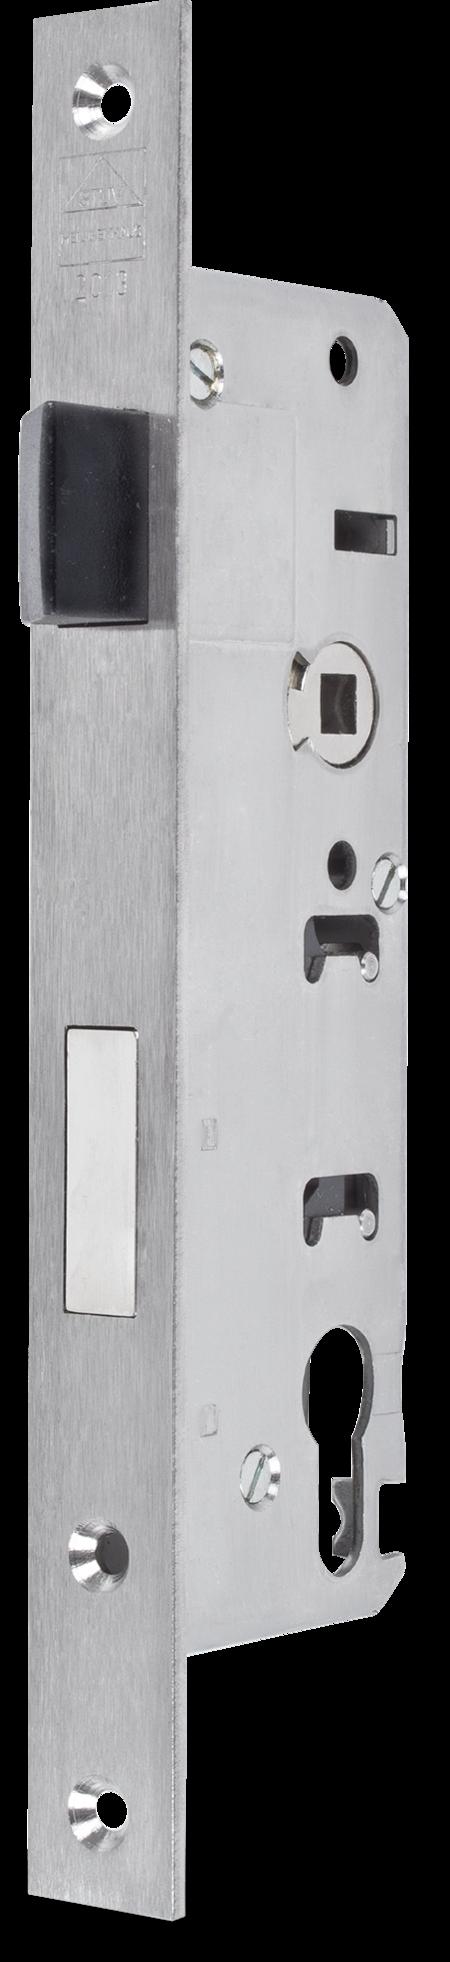 Einsteckschloss Edelstahl mit Wechsel Dornmass 40 mm, Entfernung 92 mm Falle Gliss-Coat beschichtet, bündig, Ausschluss 20 mm, DIN rechts